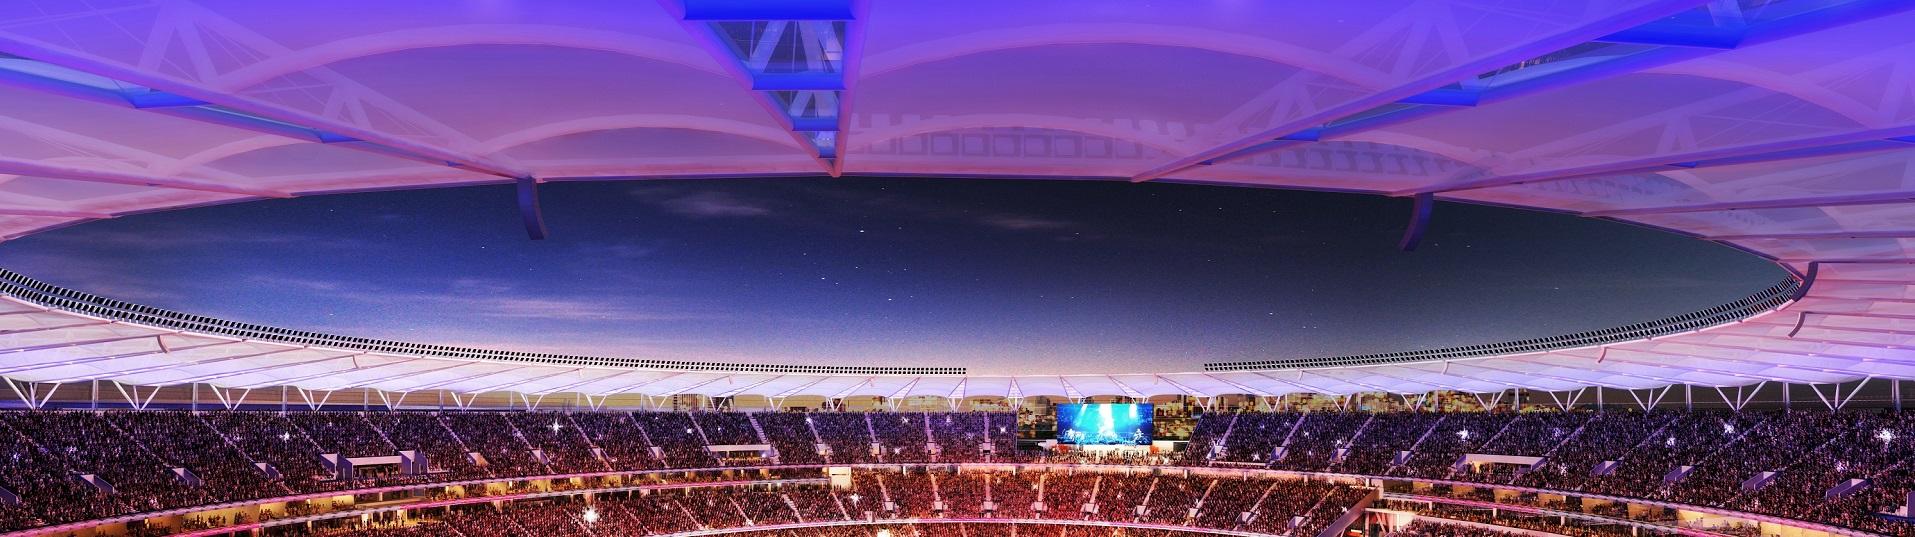 impresssive stadium